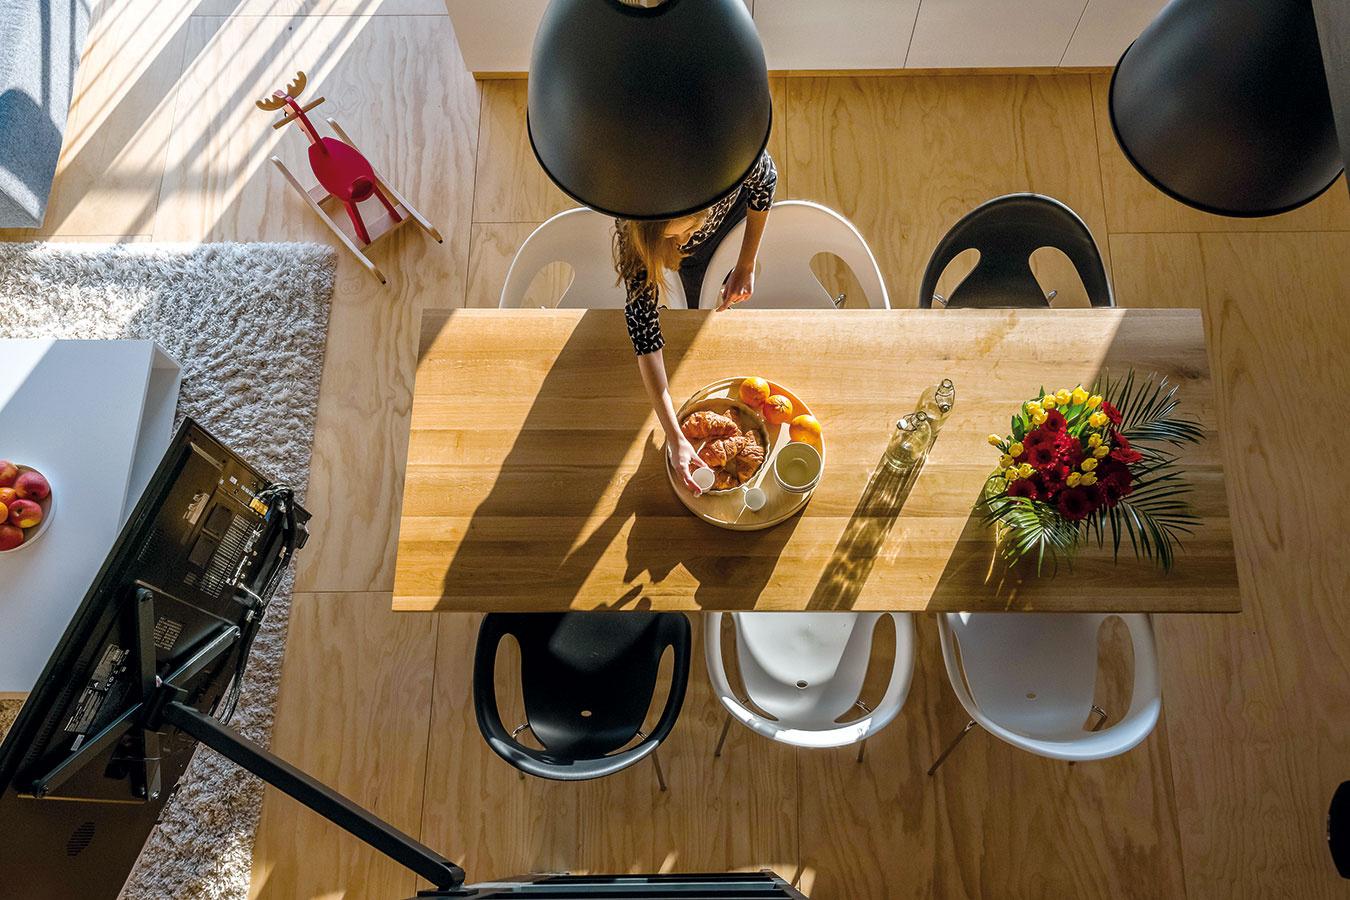 Kuchynský stôl zmasívneho dreva má zámerne tmavší odtieň, aby na seba zobral dominantnejšiu úlohu vpriestore.  Zaliaty rannými slnečnými lúčmi vynikne jeho kresba aštruktúra ešte viac.